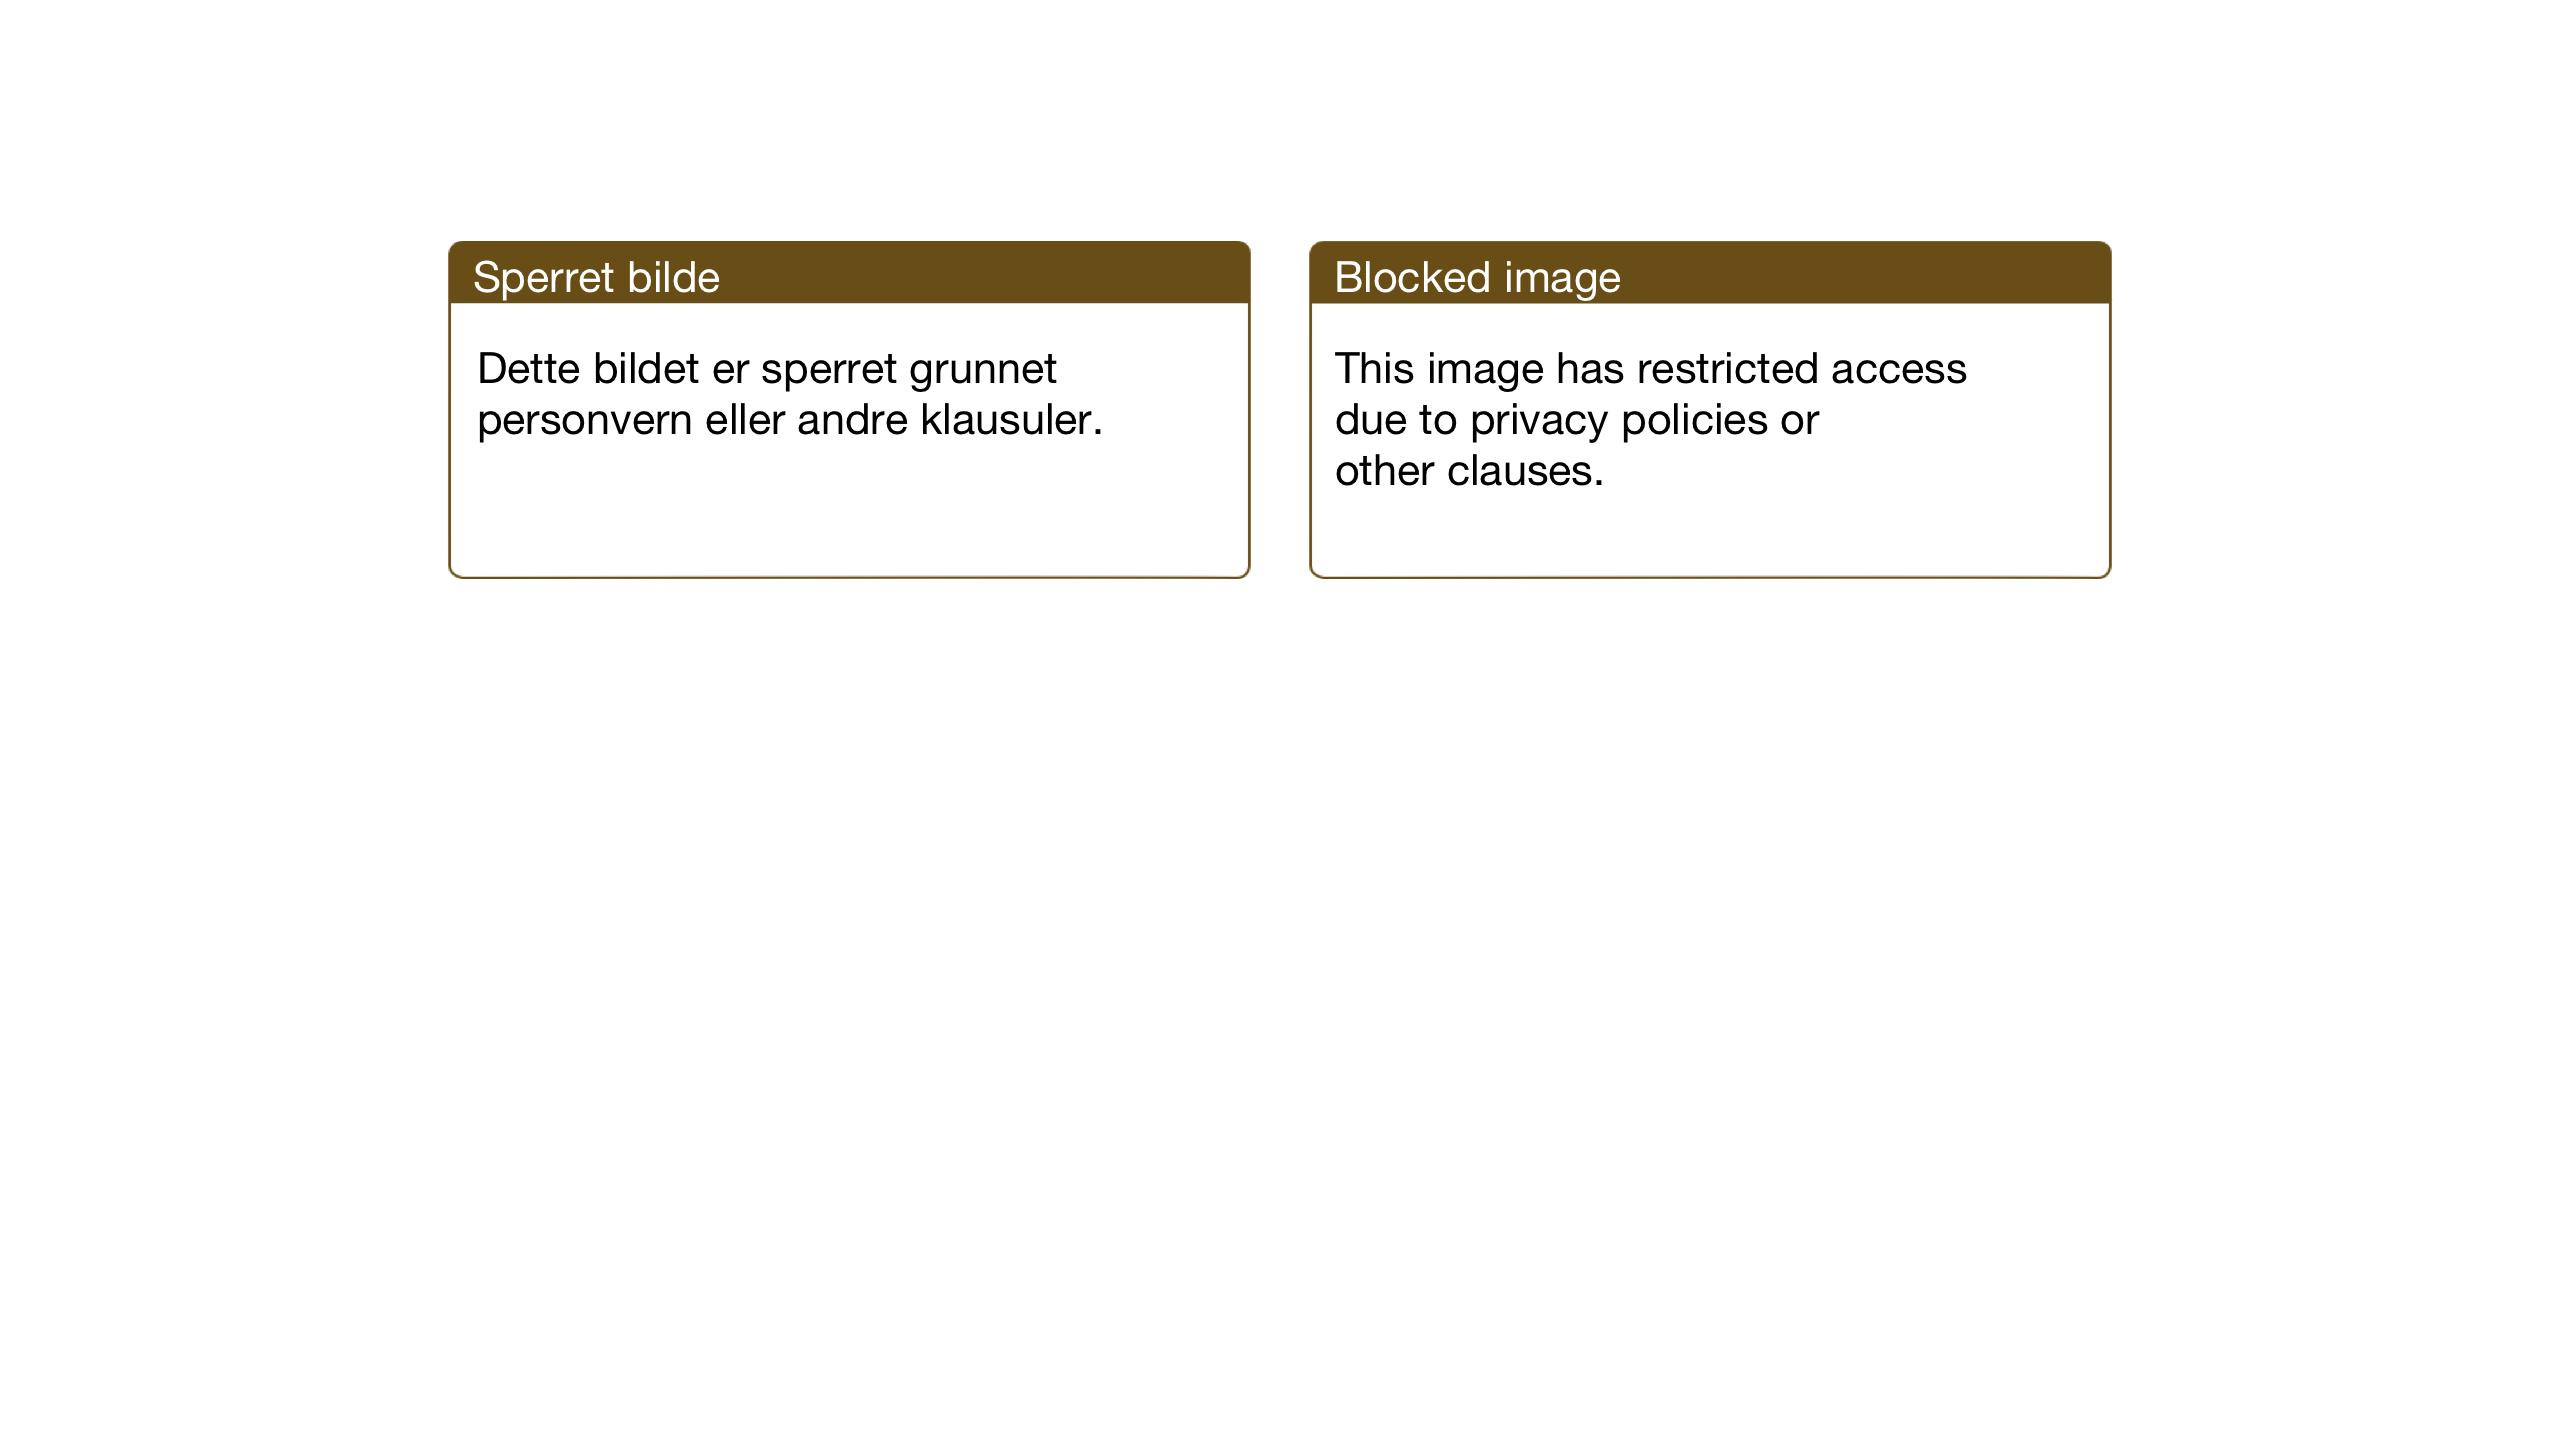 SAT, Ministerialprotokoller, klokkerbøker og fødselsregistre - Sør-Trøndelag, 665/L0778: Klokkerbok nr. 665C03, 1916-1938, s. 129